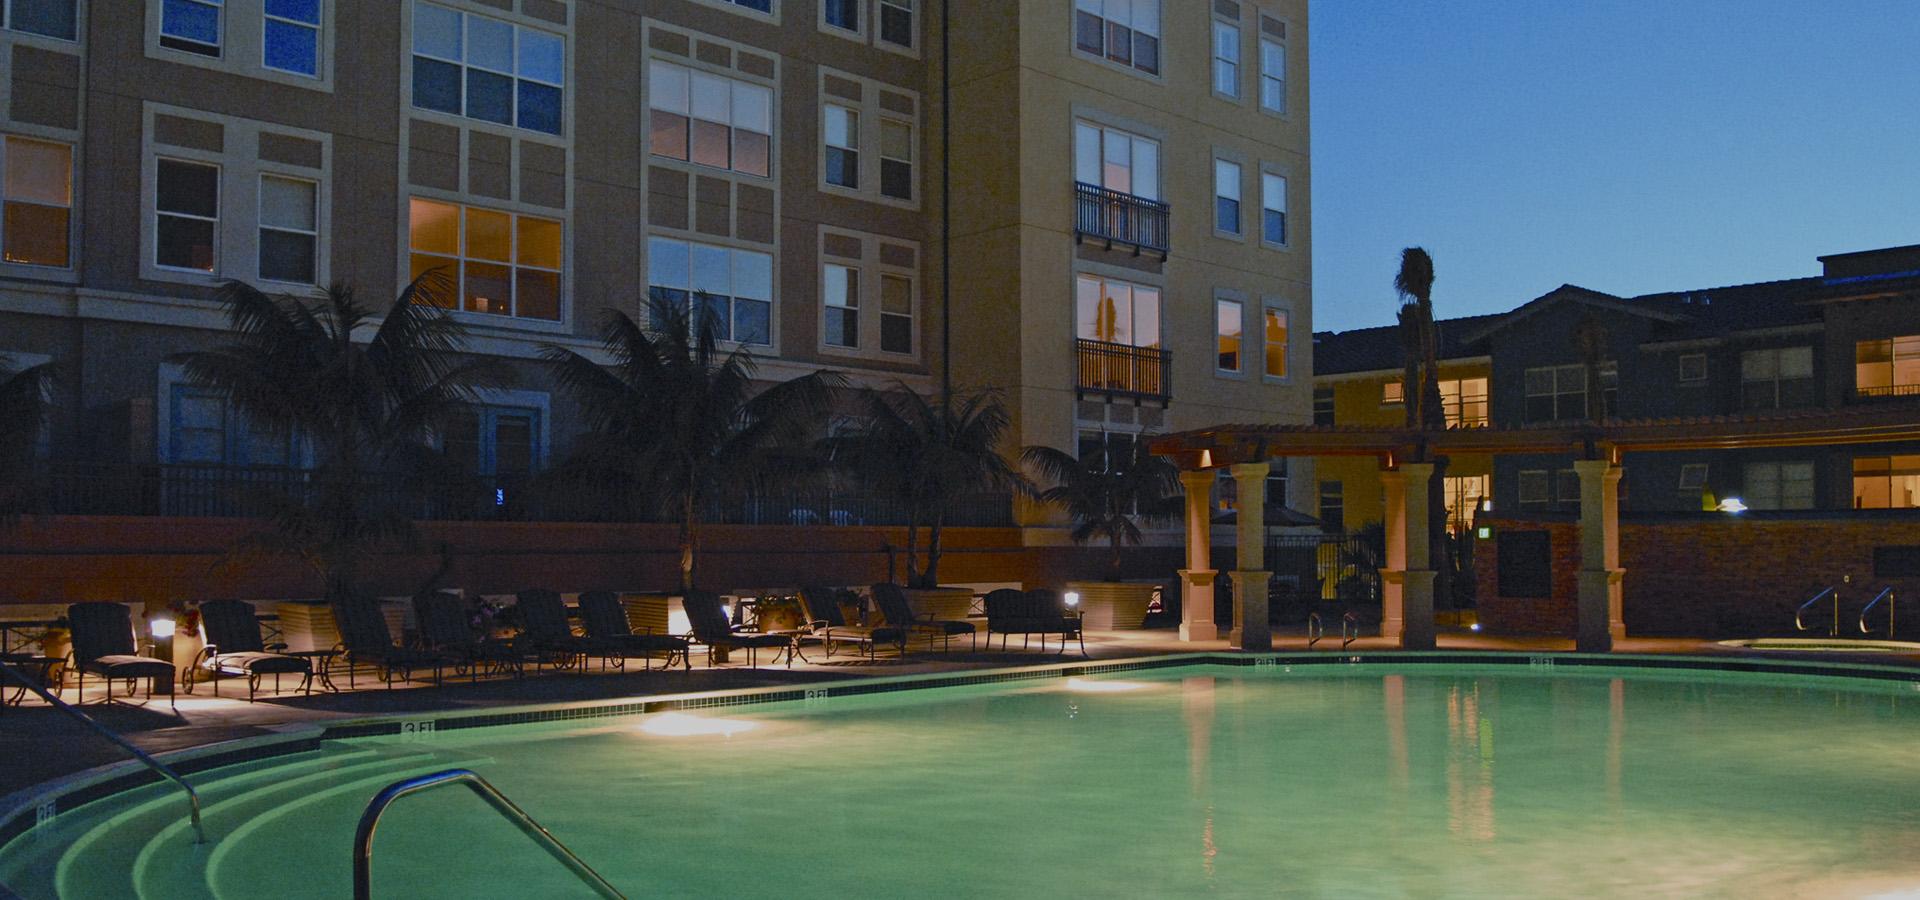 Pool at Santana Heights Apartments, The Villas, San Jose